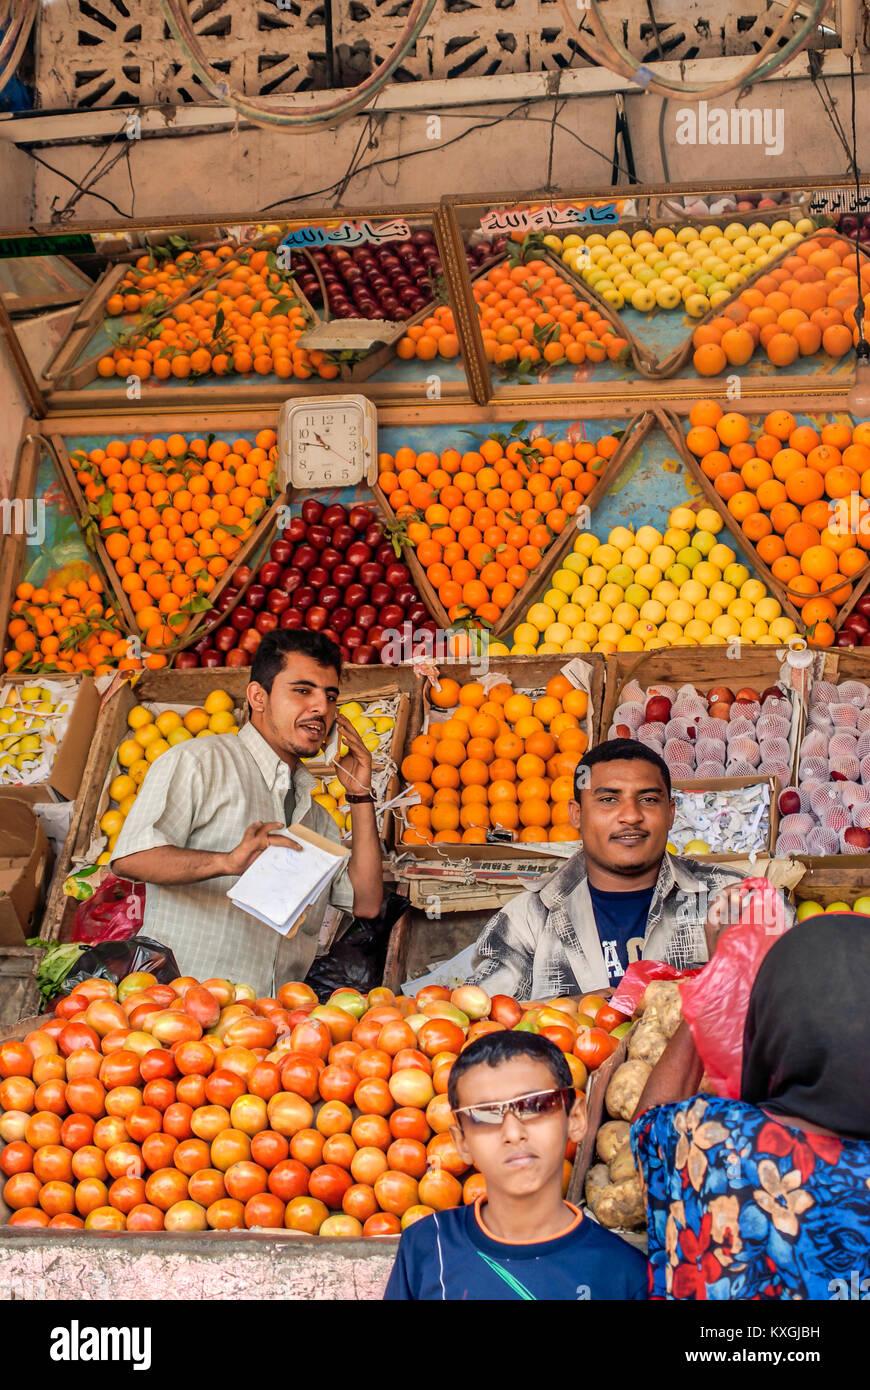 Traditional Arabian market in the city Aden, Yemen | Traditioneller arabischer Markt in Aden, Jemen - Stock Image